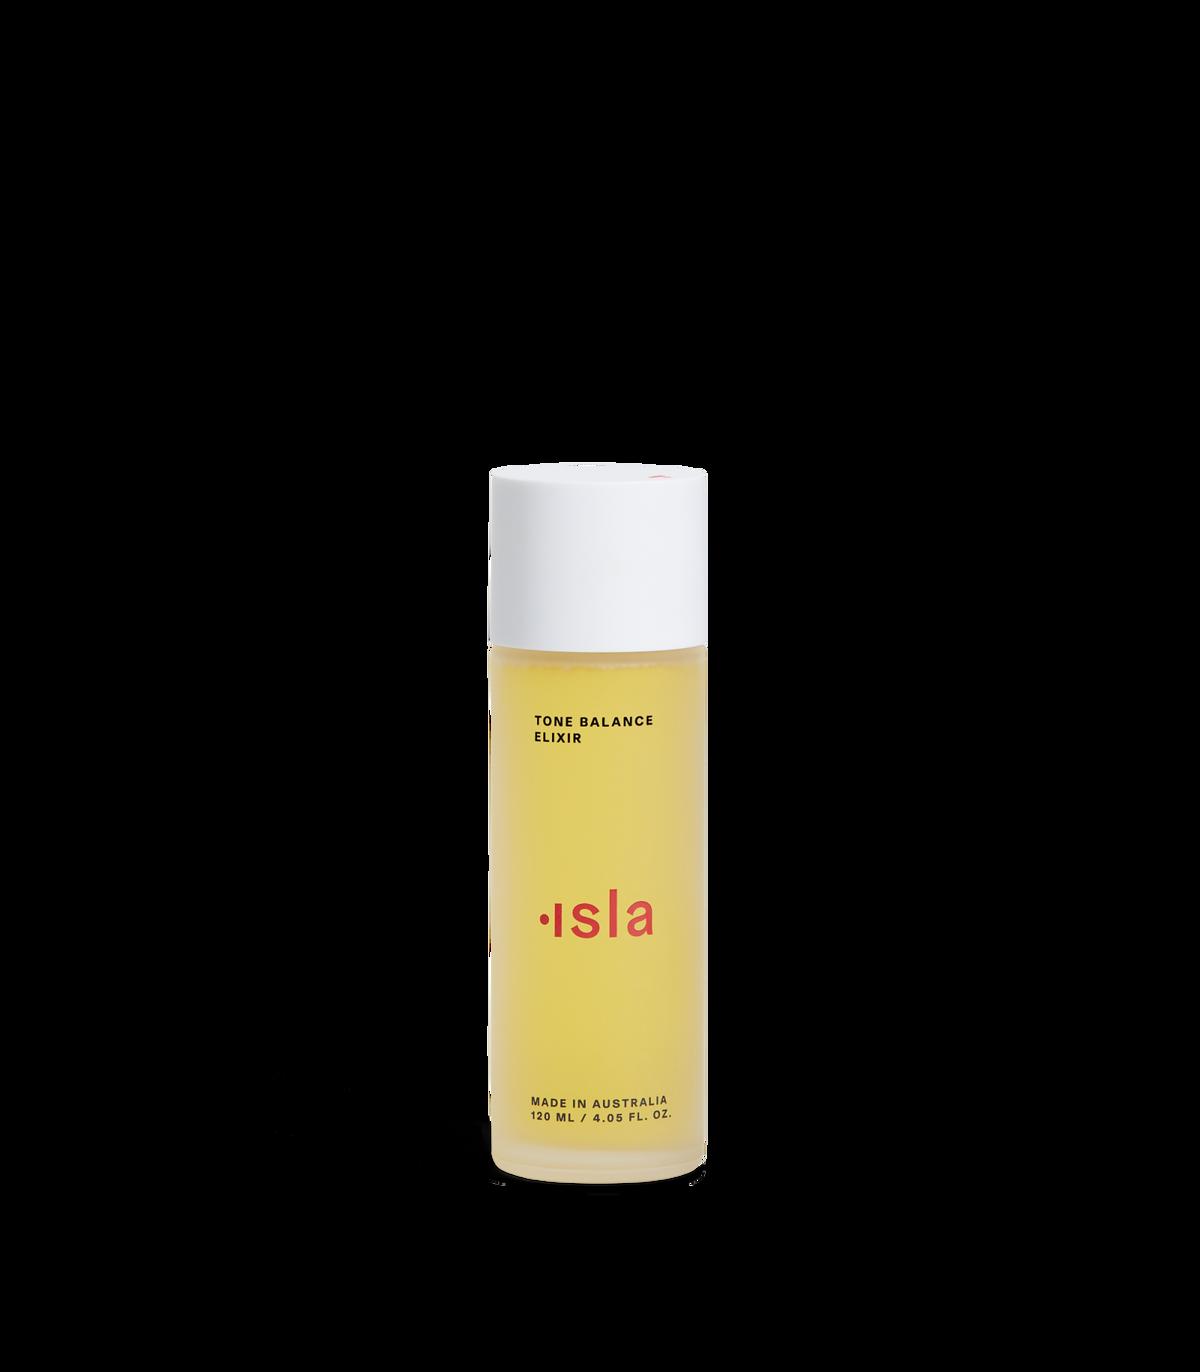 Tone Balance Elixir